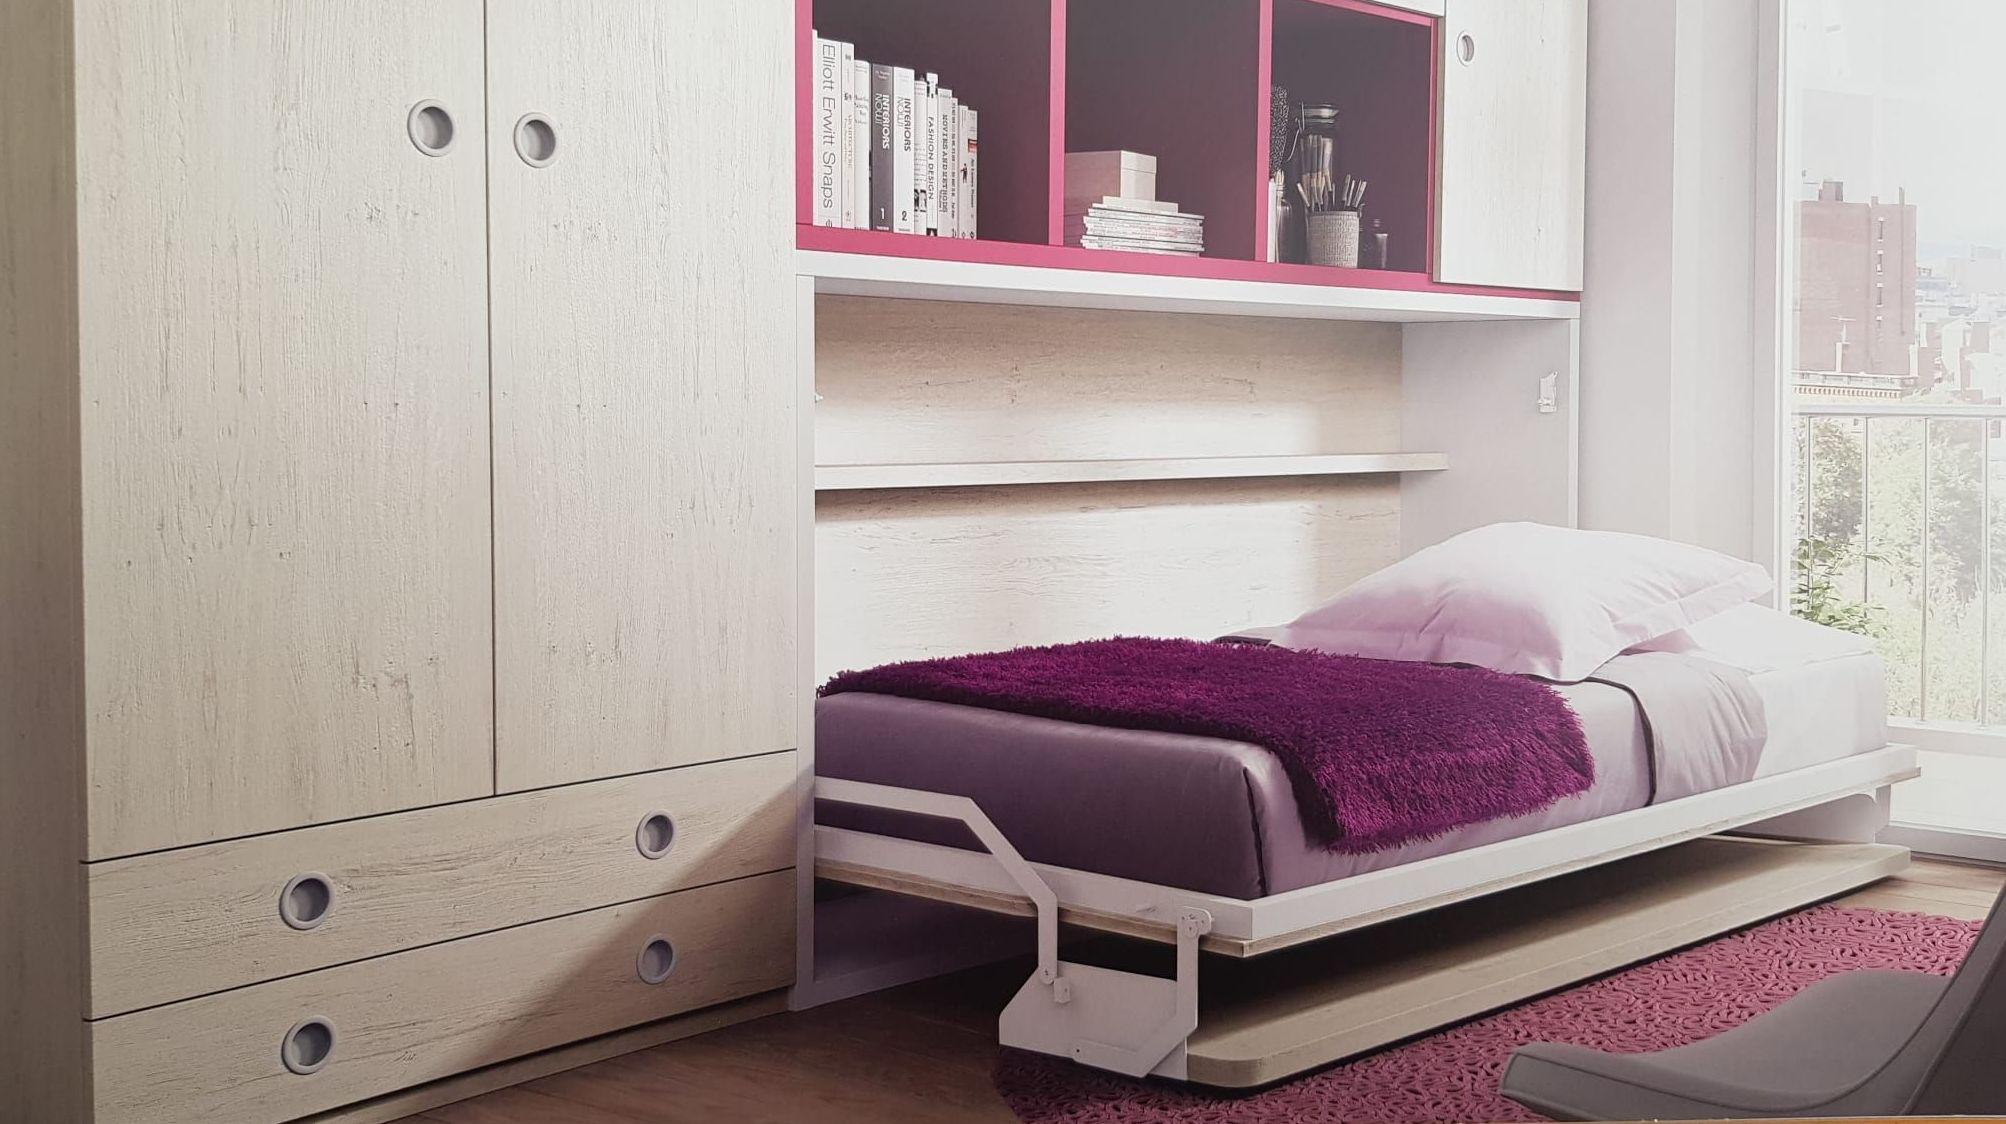 Habitaciones juveniles en Hospitalet de Llobregat para habitaciones pequeñas